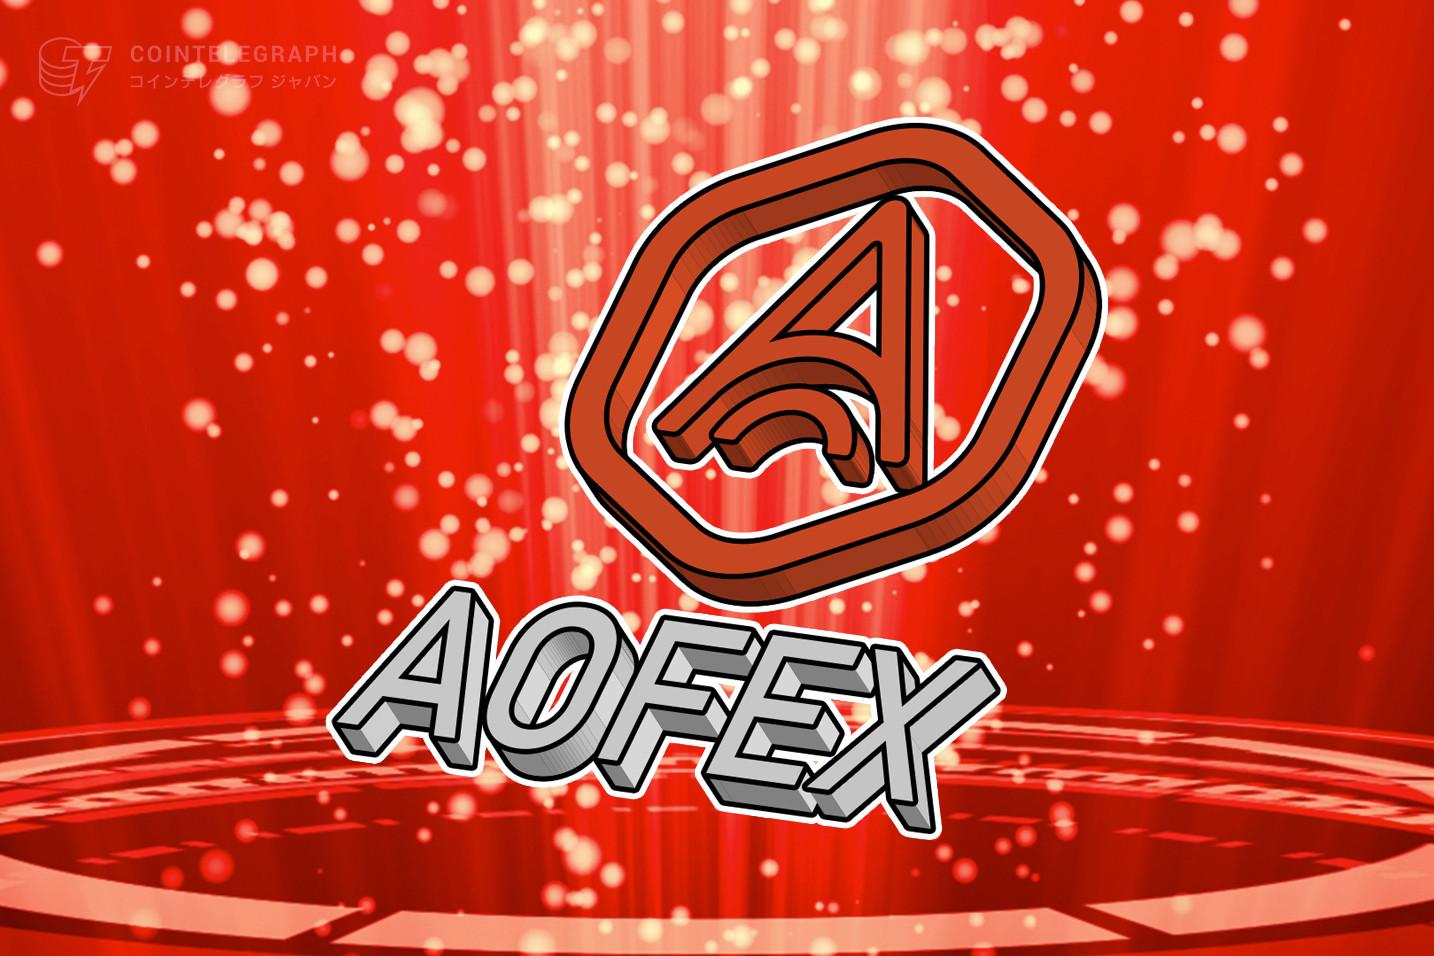 暗号資産デリバティブ分野の新興勢力——AOFEX